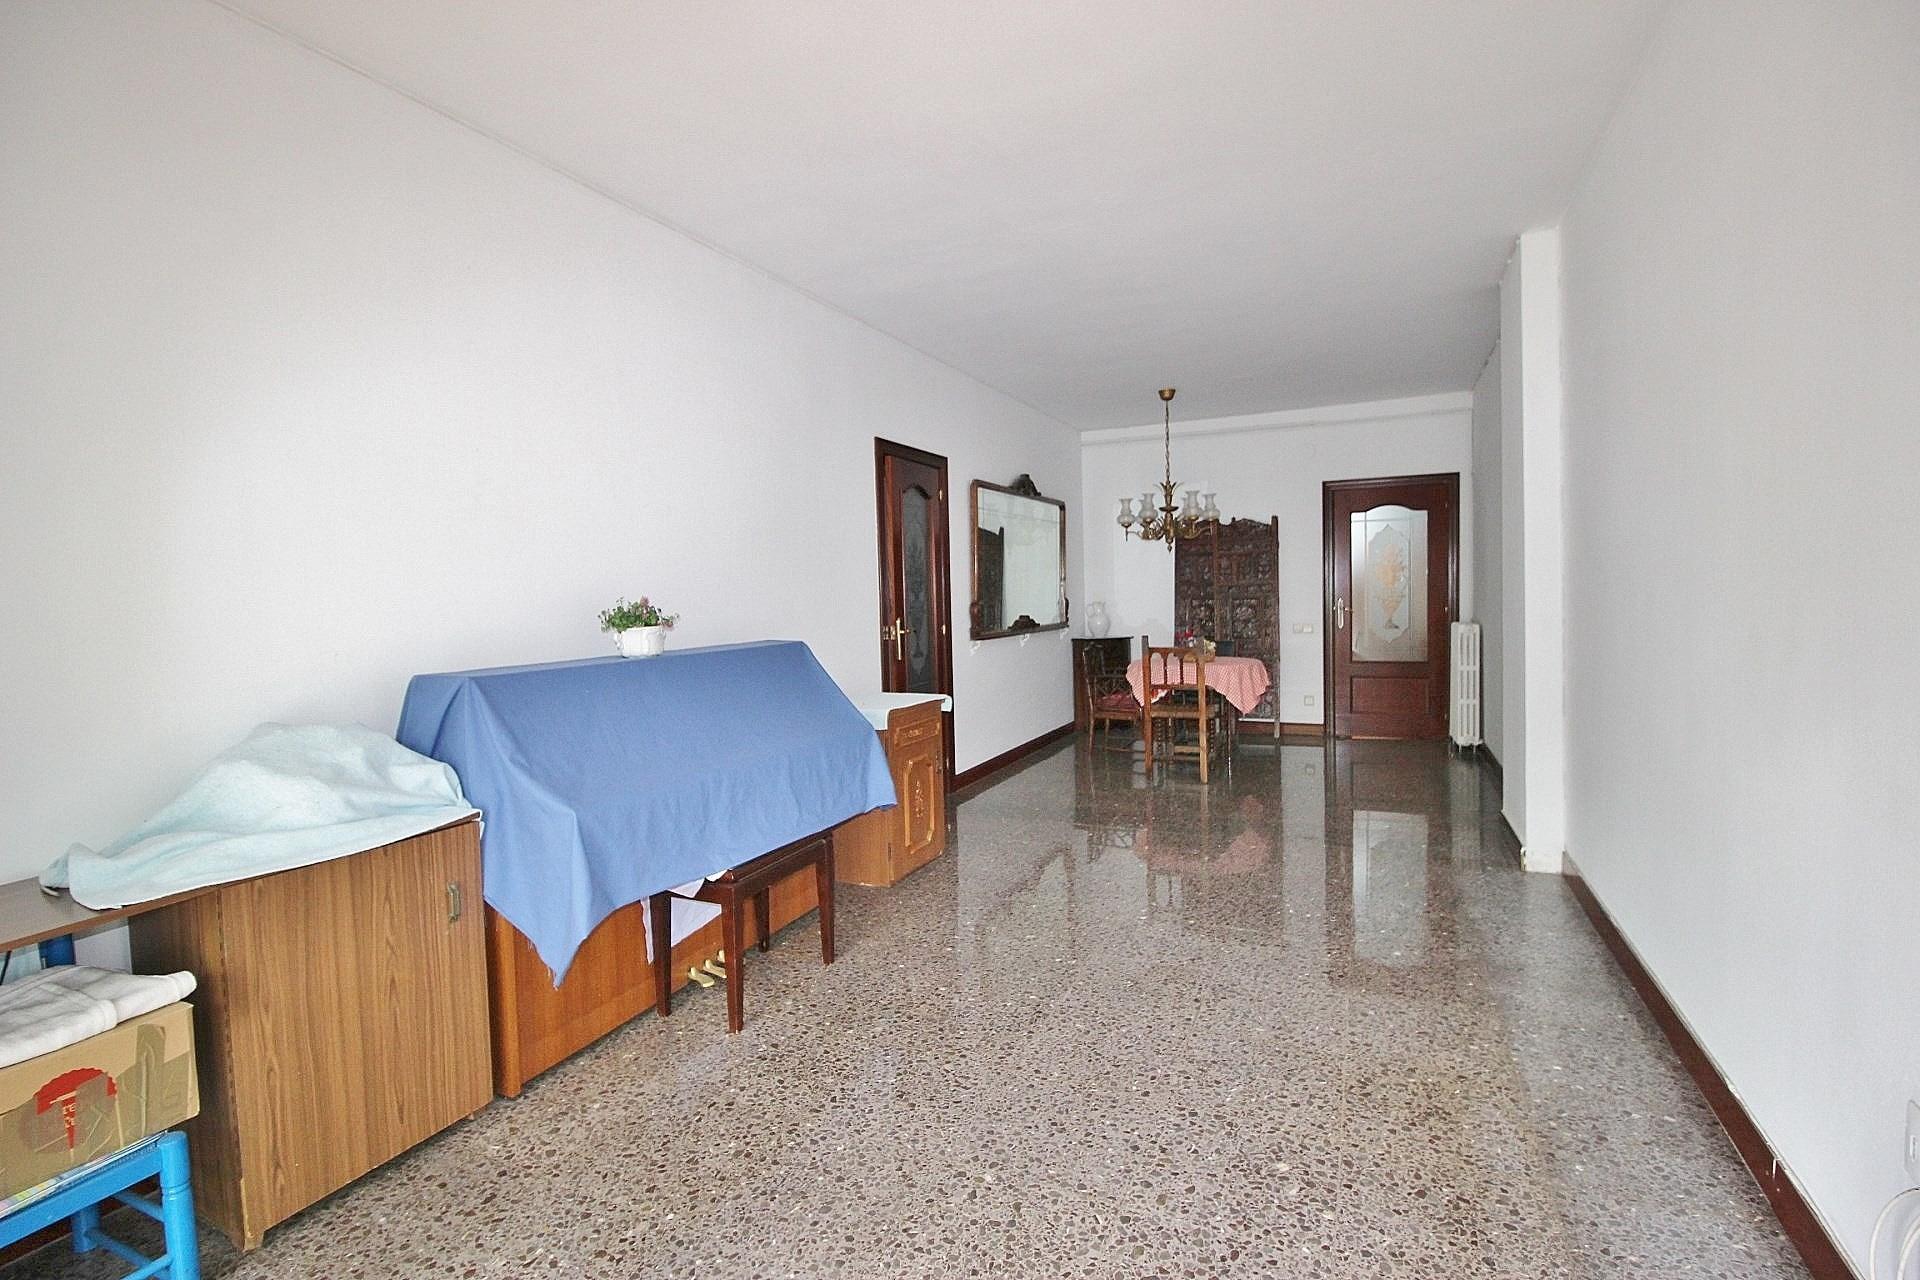 Camere Familiari Barcellona : Casa con camere a bac de roda nel barrio del poblenou